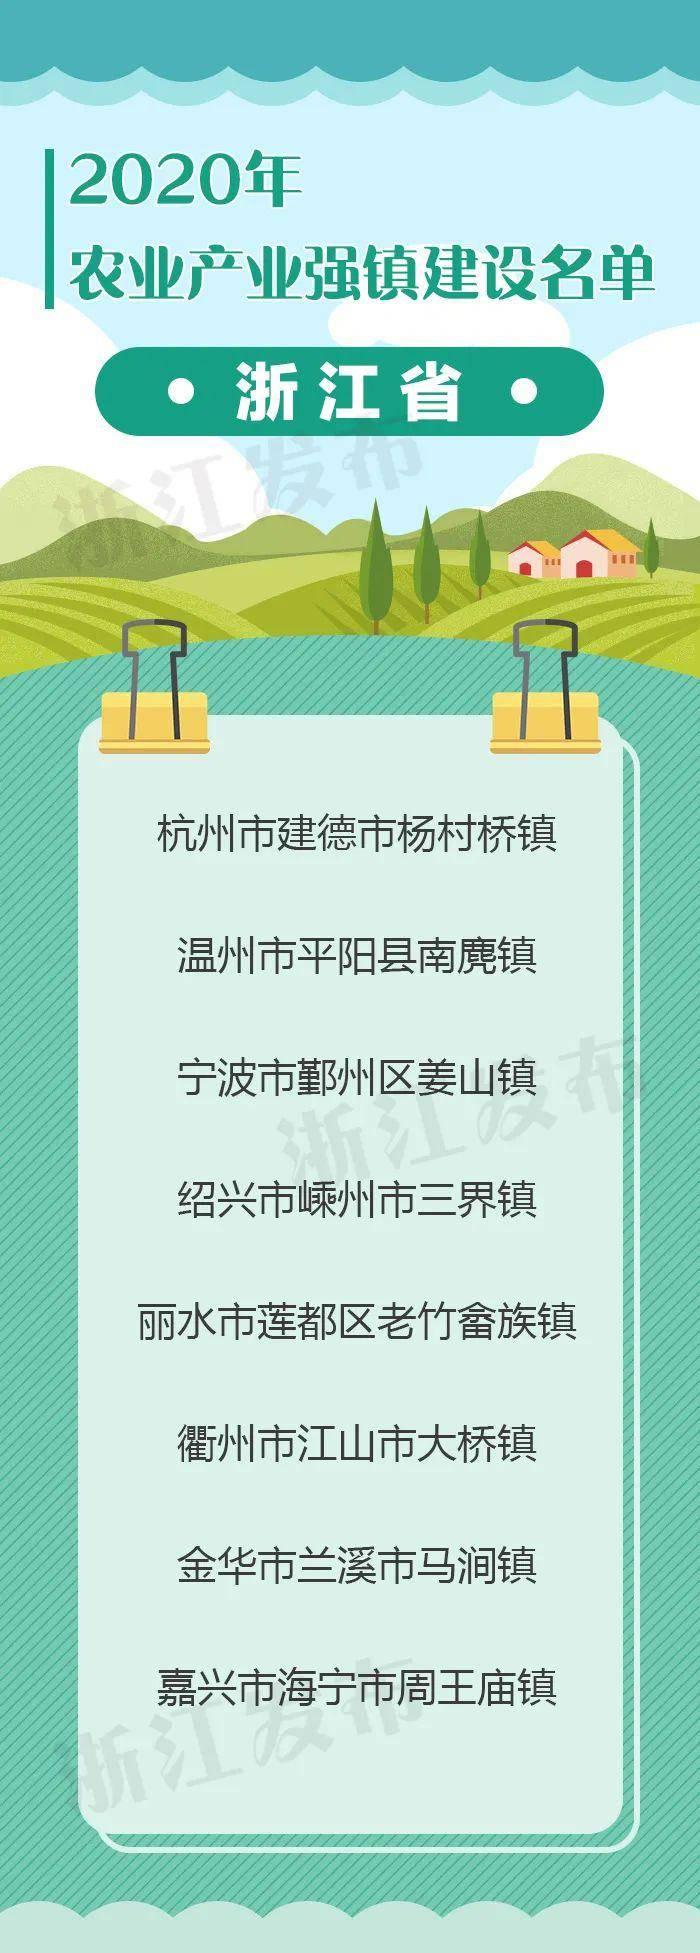 【浙江榜单】2020年浙江省全国农业产业强镇建设名单8个